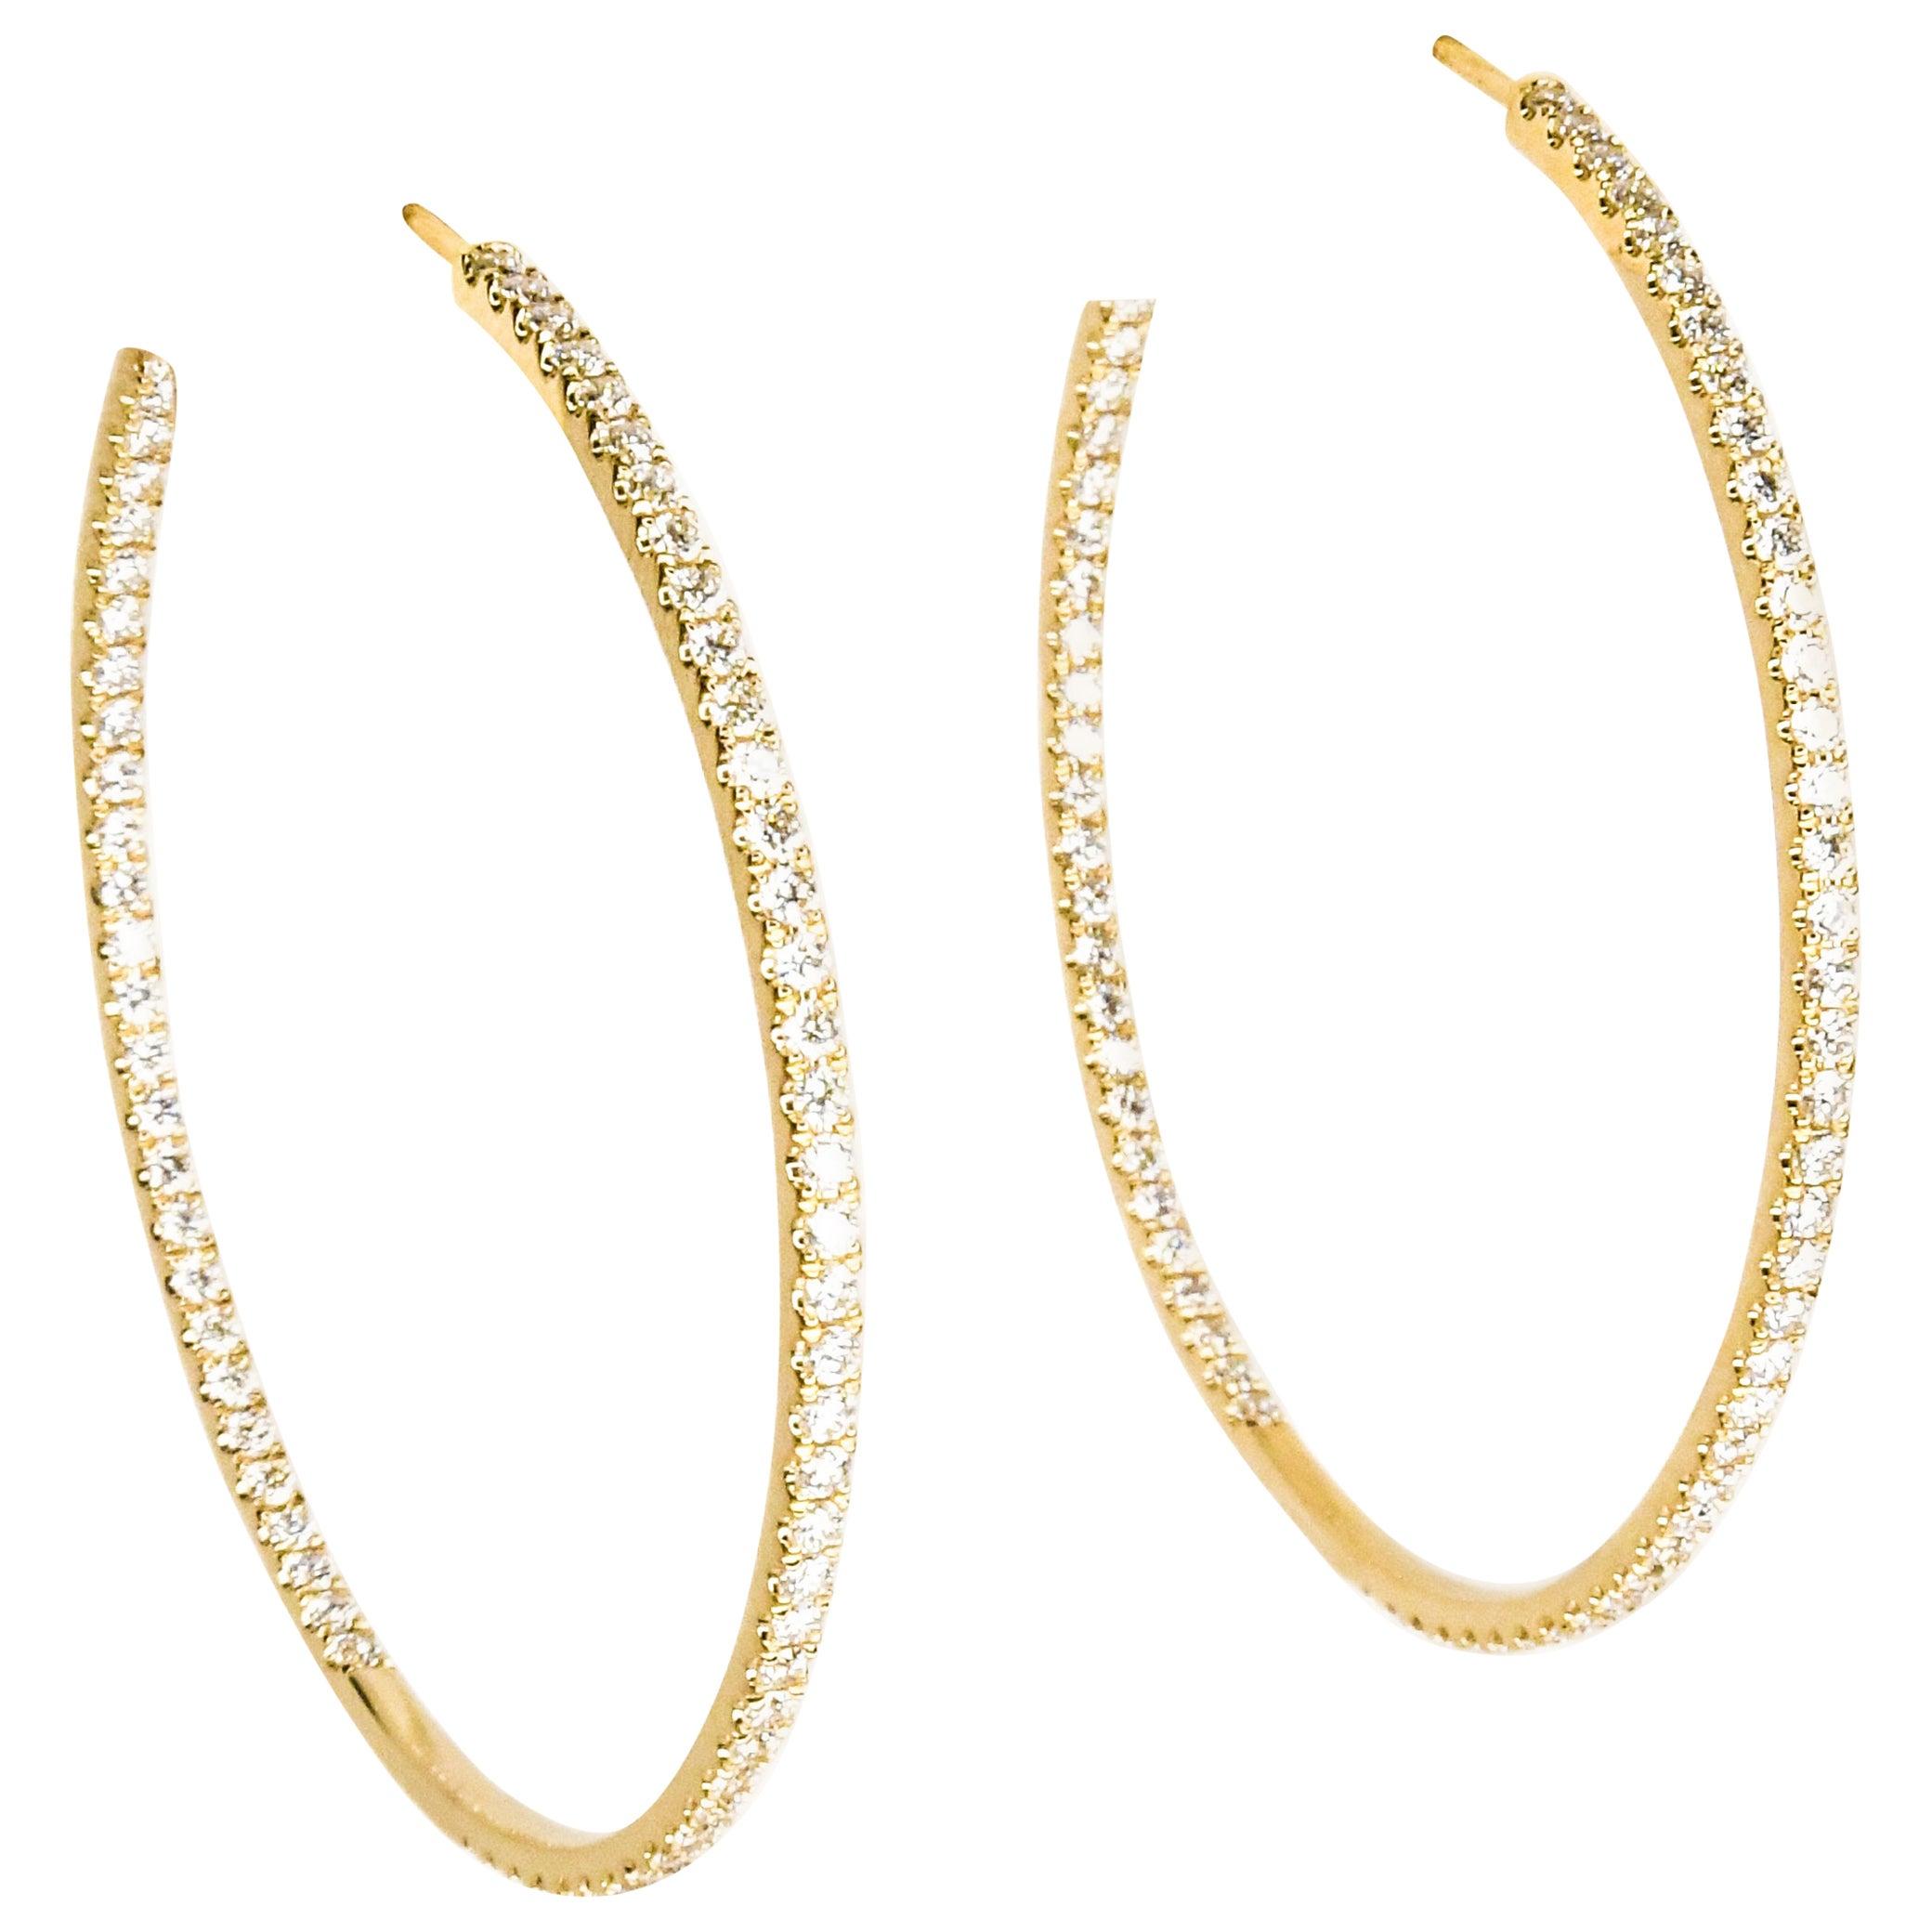 18 Karat Yellow Gold Inside Outside Diamond Pave Hoop Pierced Earrings